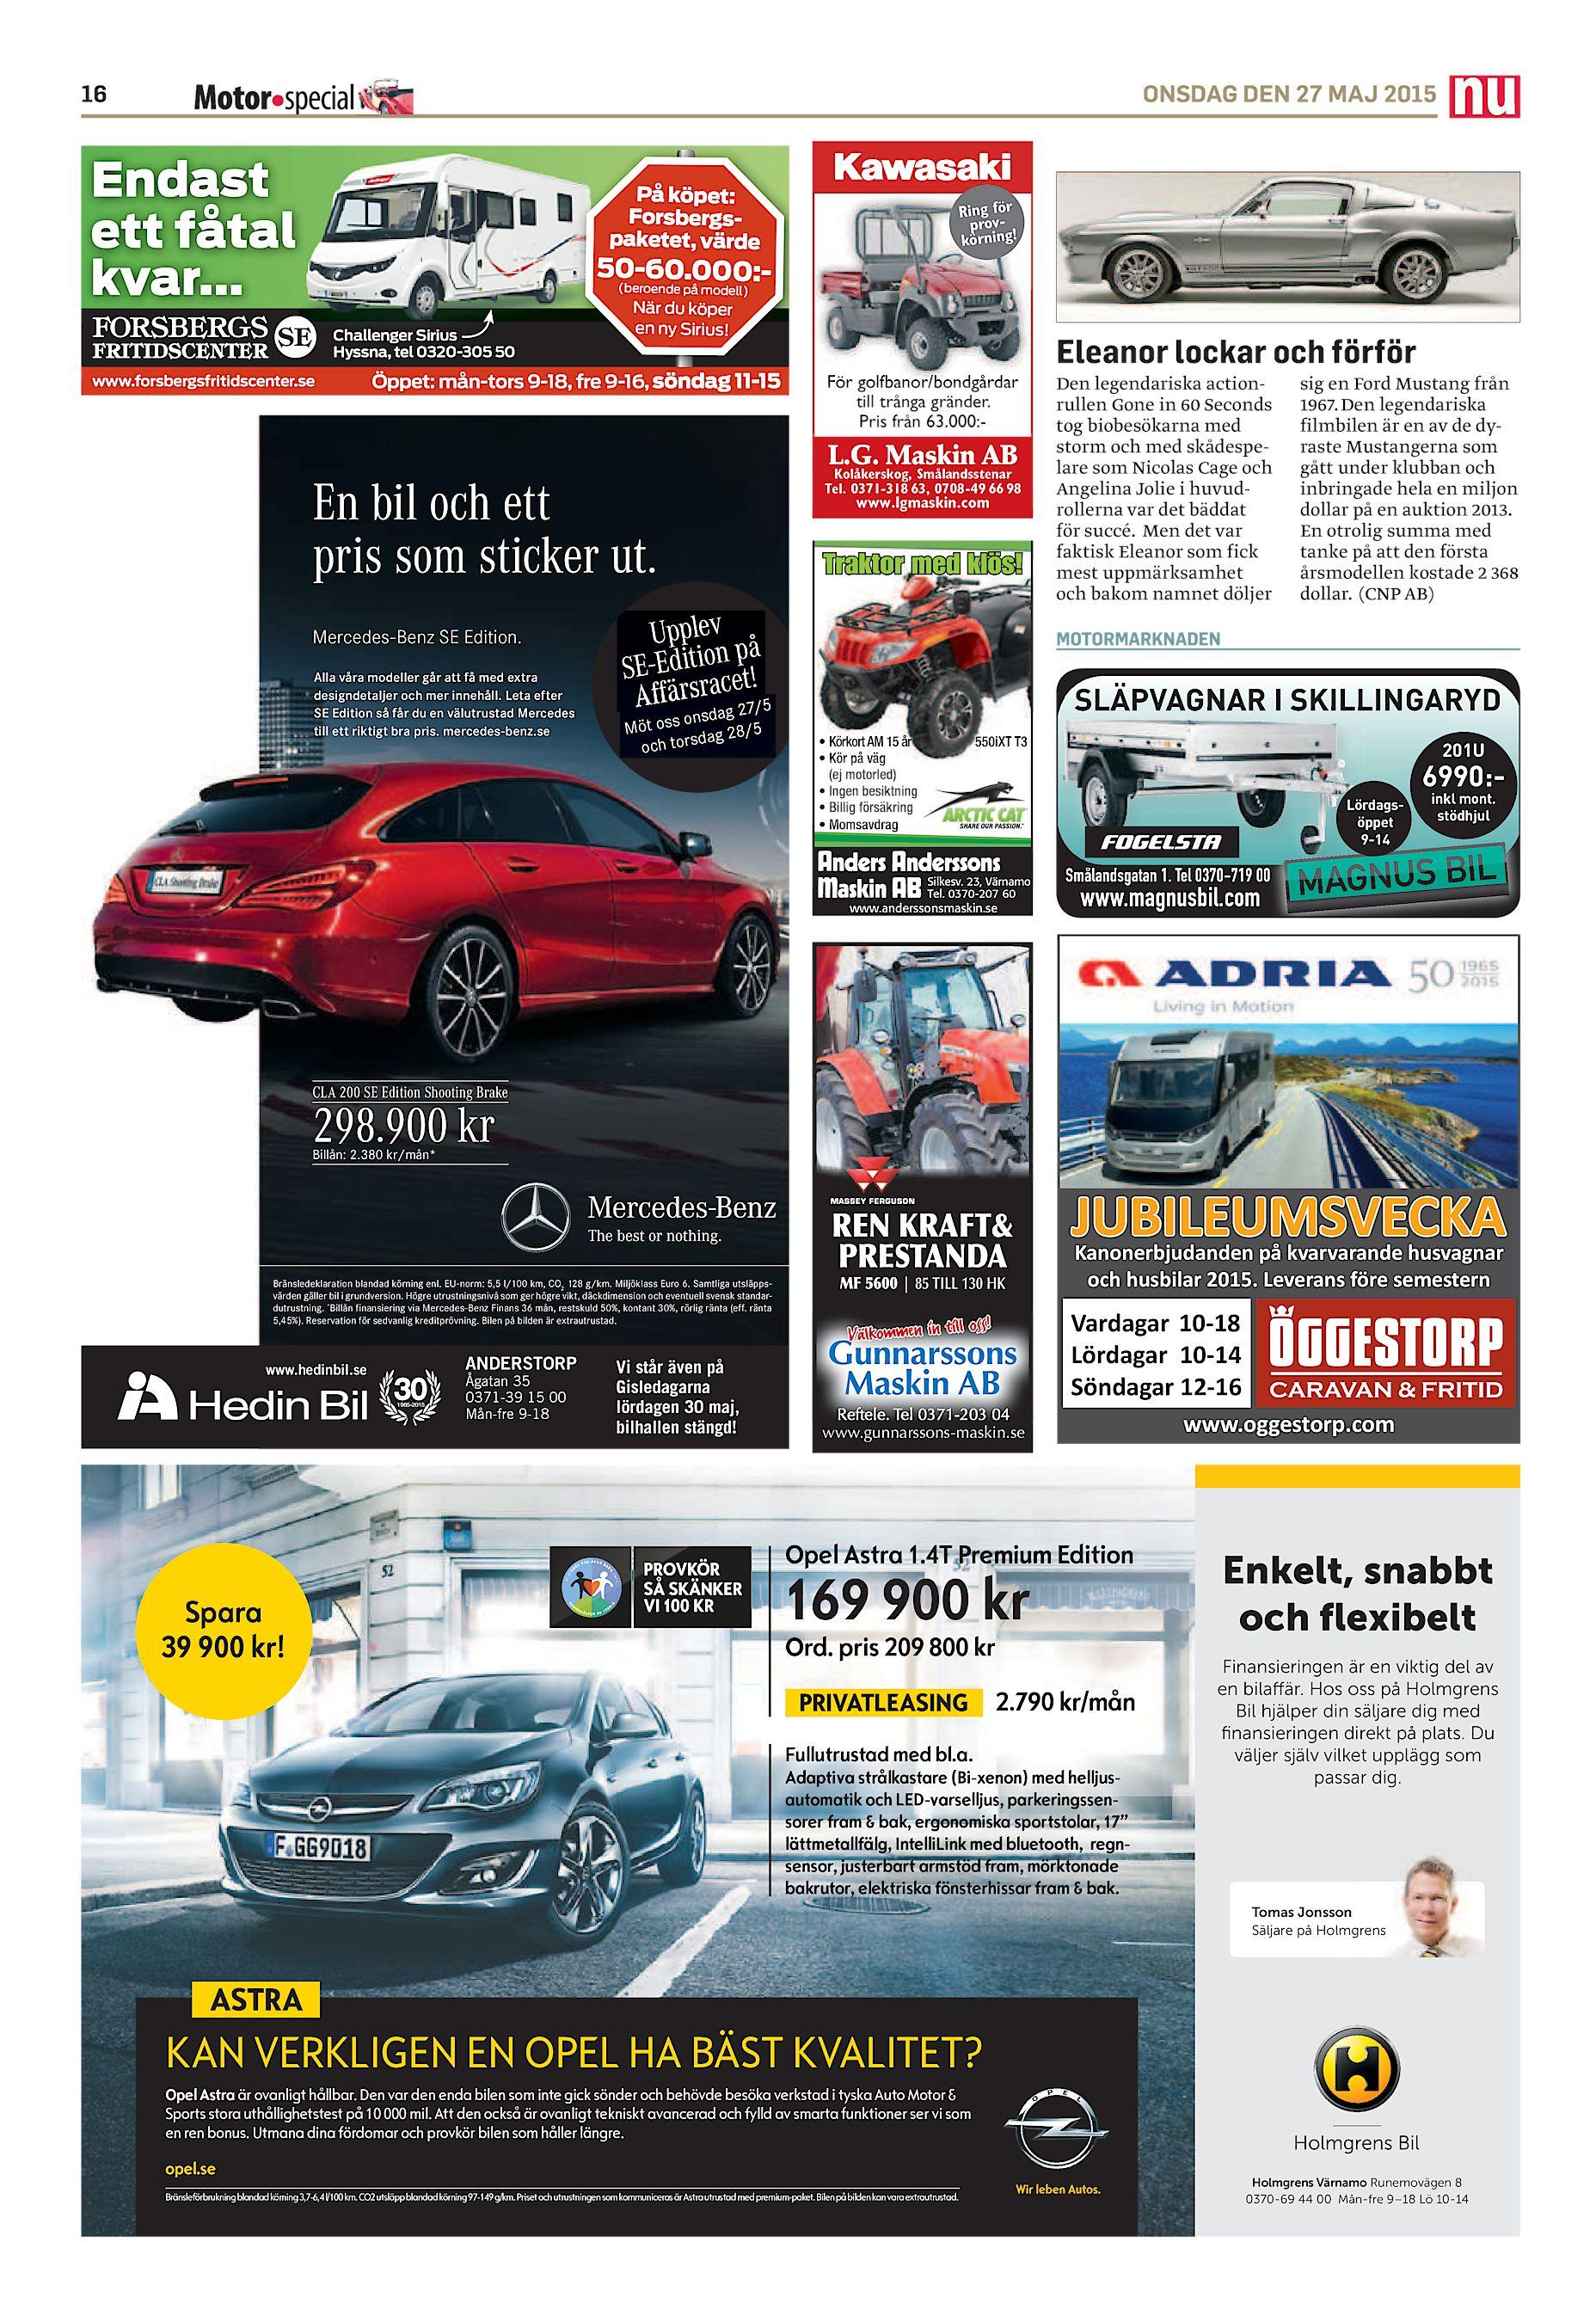 597094f91e2 50-60.000:(beroende på modell) Challenger Sirius Hyssna, tel 0320-305 50  www.forsbergsfritidscenter.se När du köper en ny Sirius!